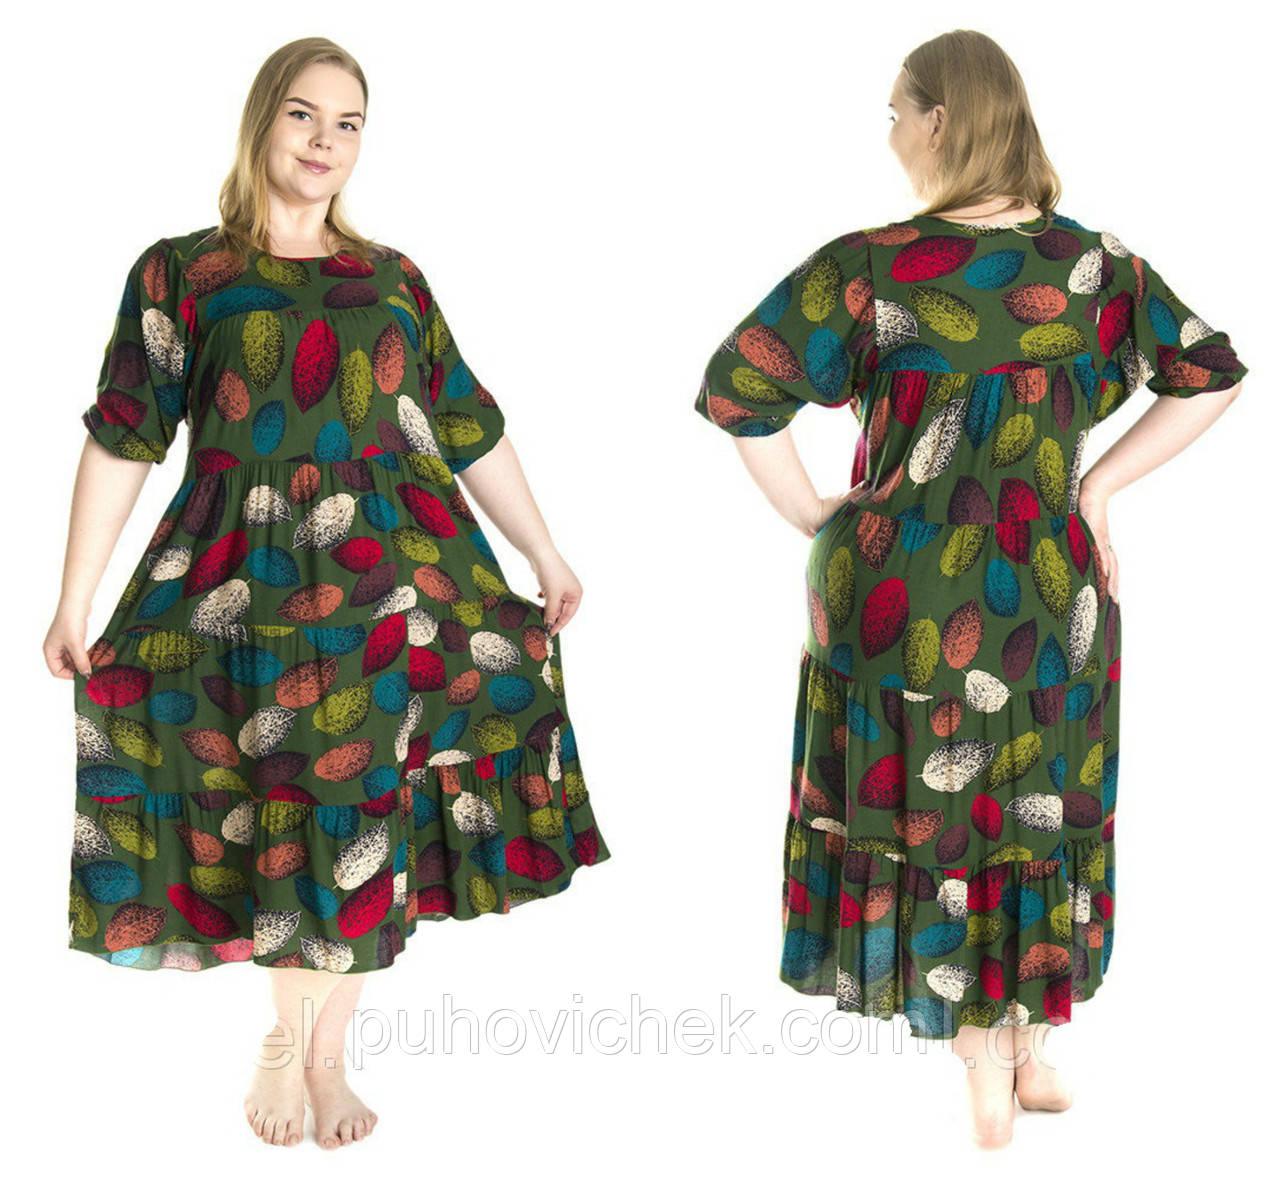 e34b0058cf5 Трикотажные летние платья и сарафаны больших размеров купить ...